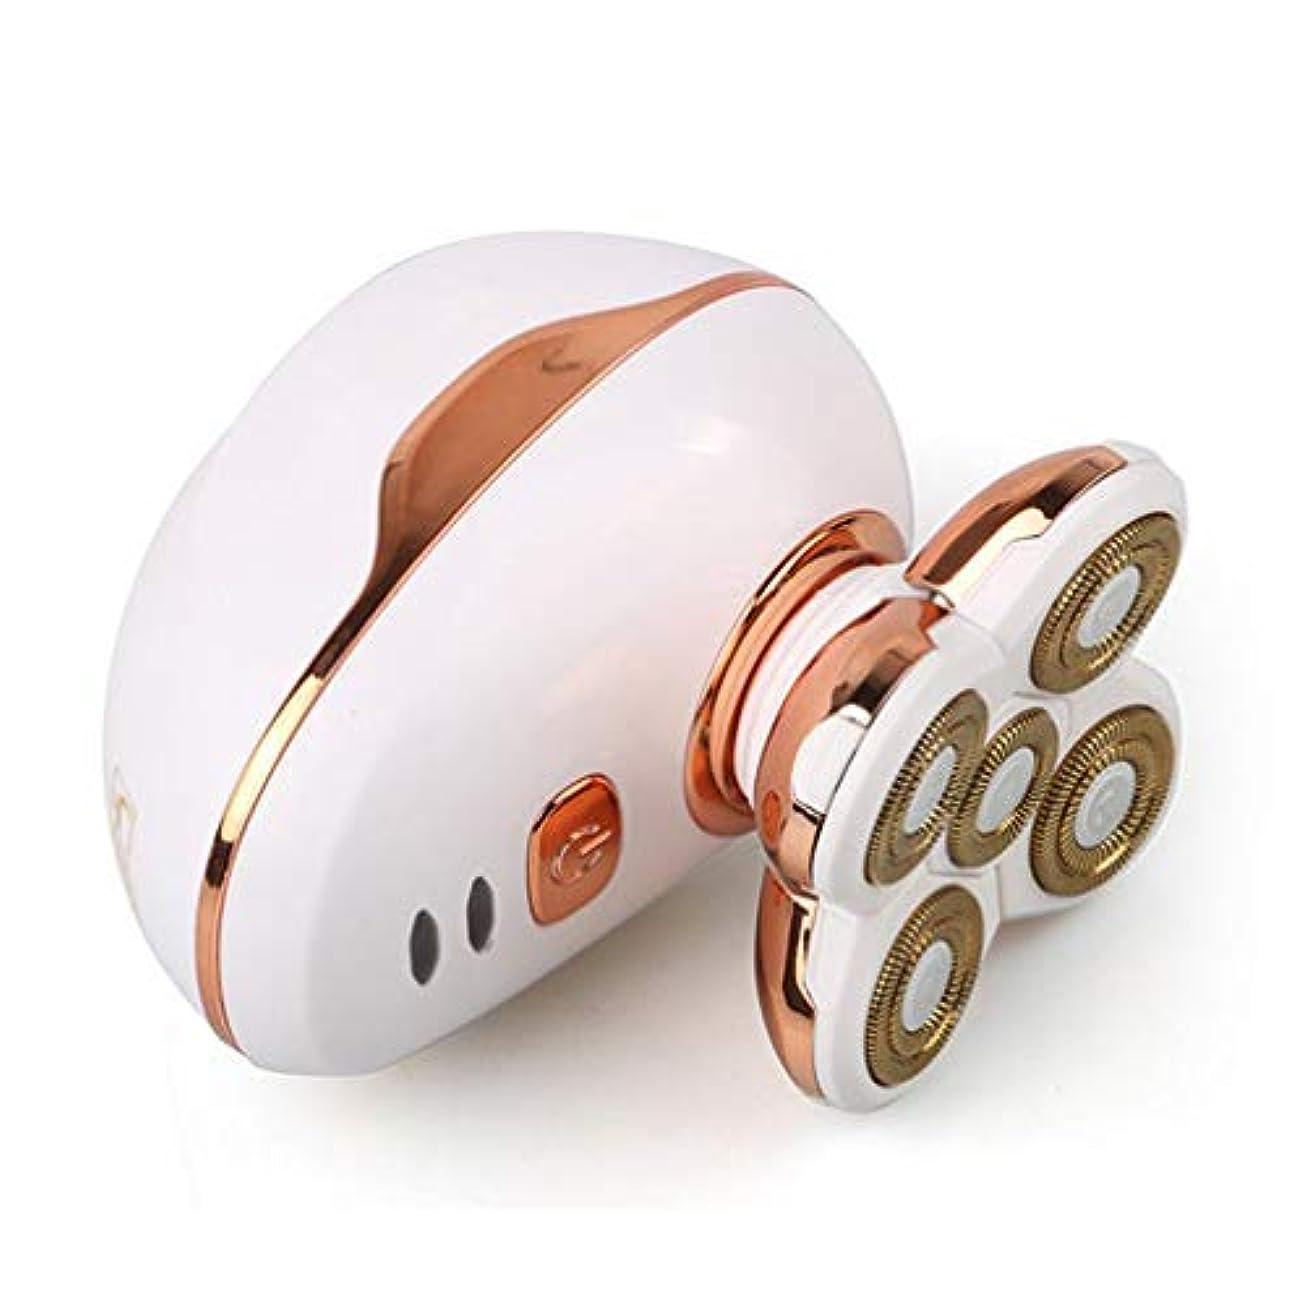 酔う不道徳交響曲耐久性のある一般的な5頭防水シェービング刃カミソリ電気シェーバー用USB充電式ウェットドライポータブル